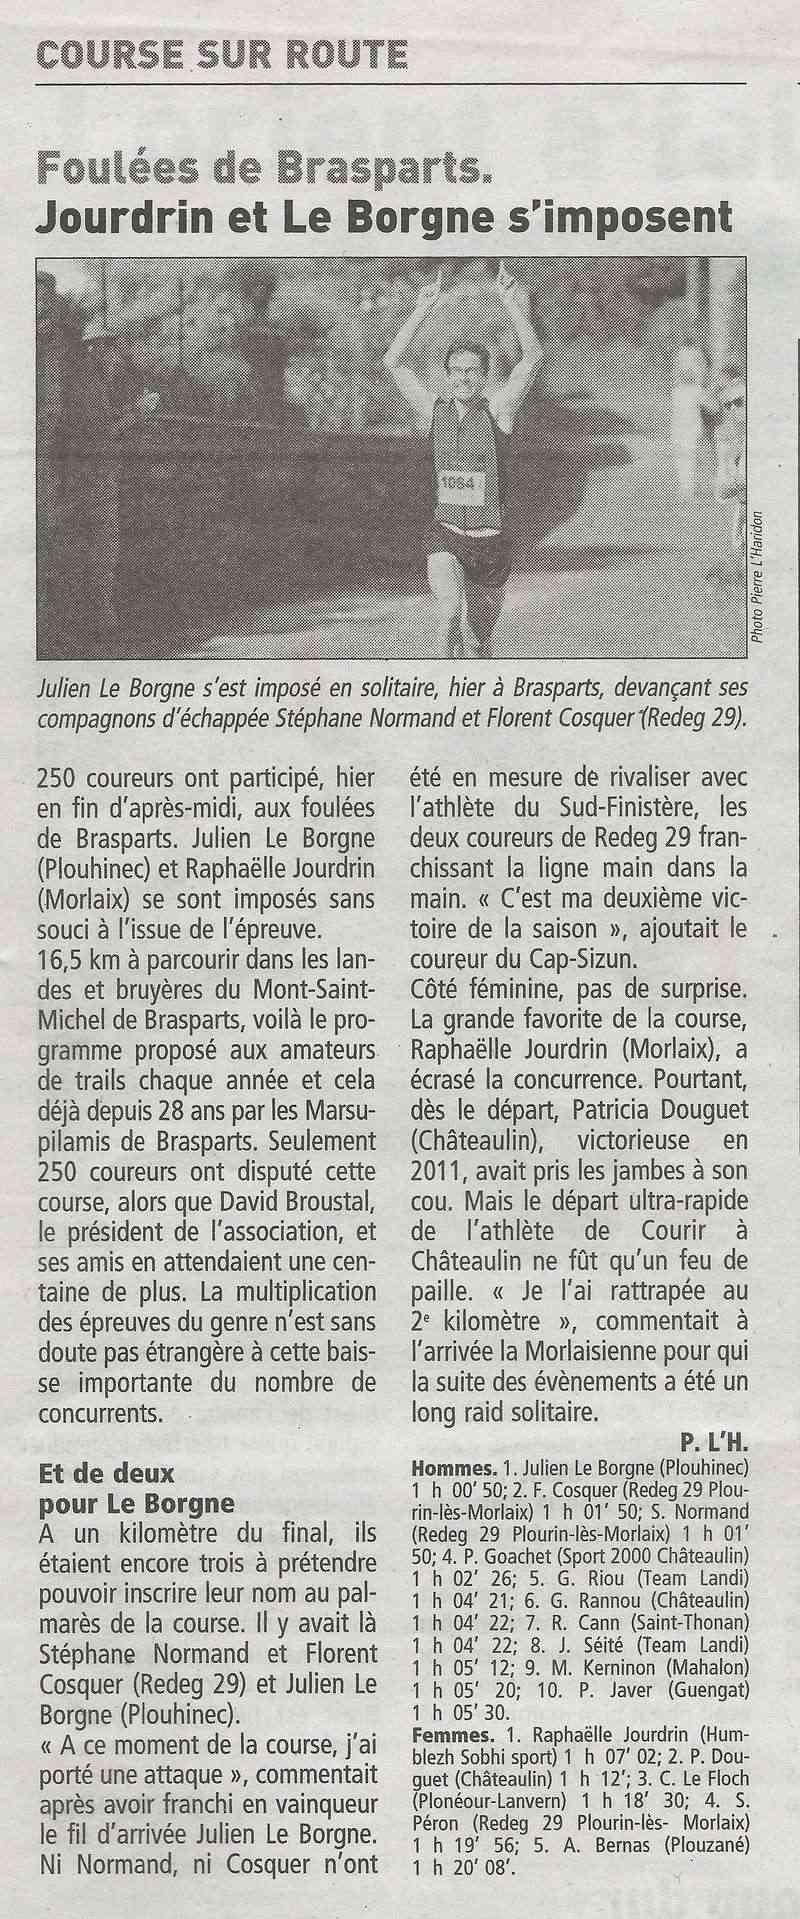 Les Foulées de Brasparts - 28ème édition - 2012 Foulae10